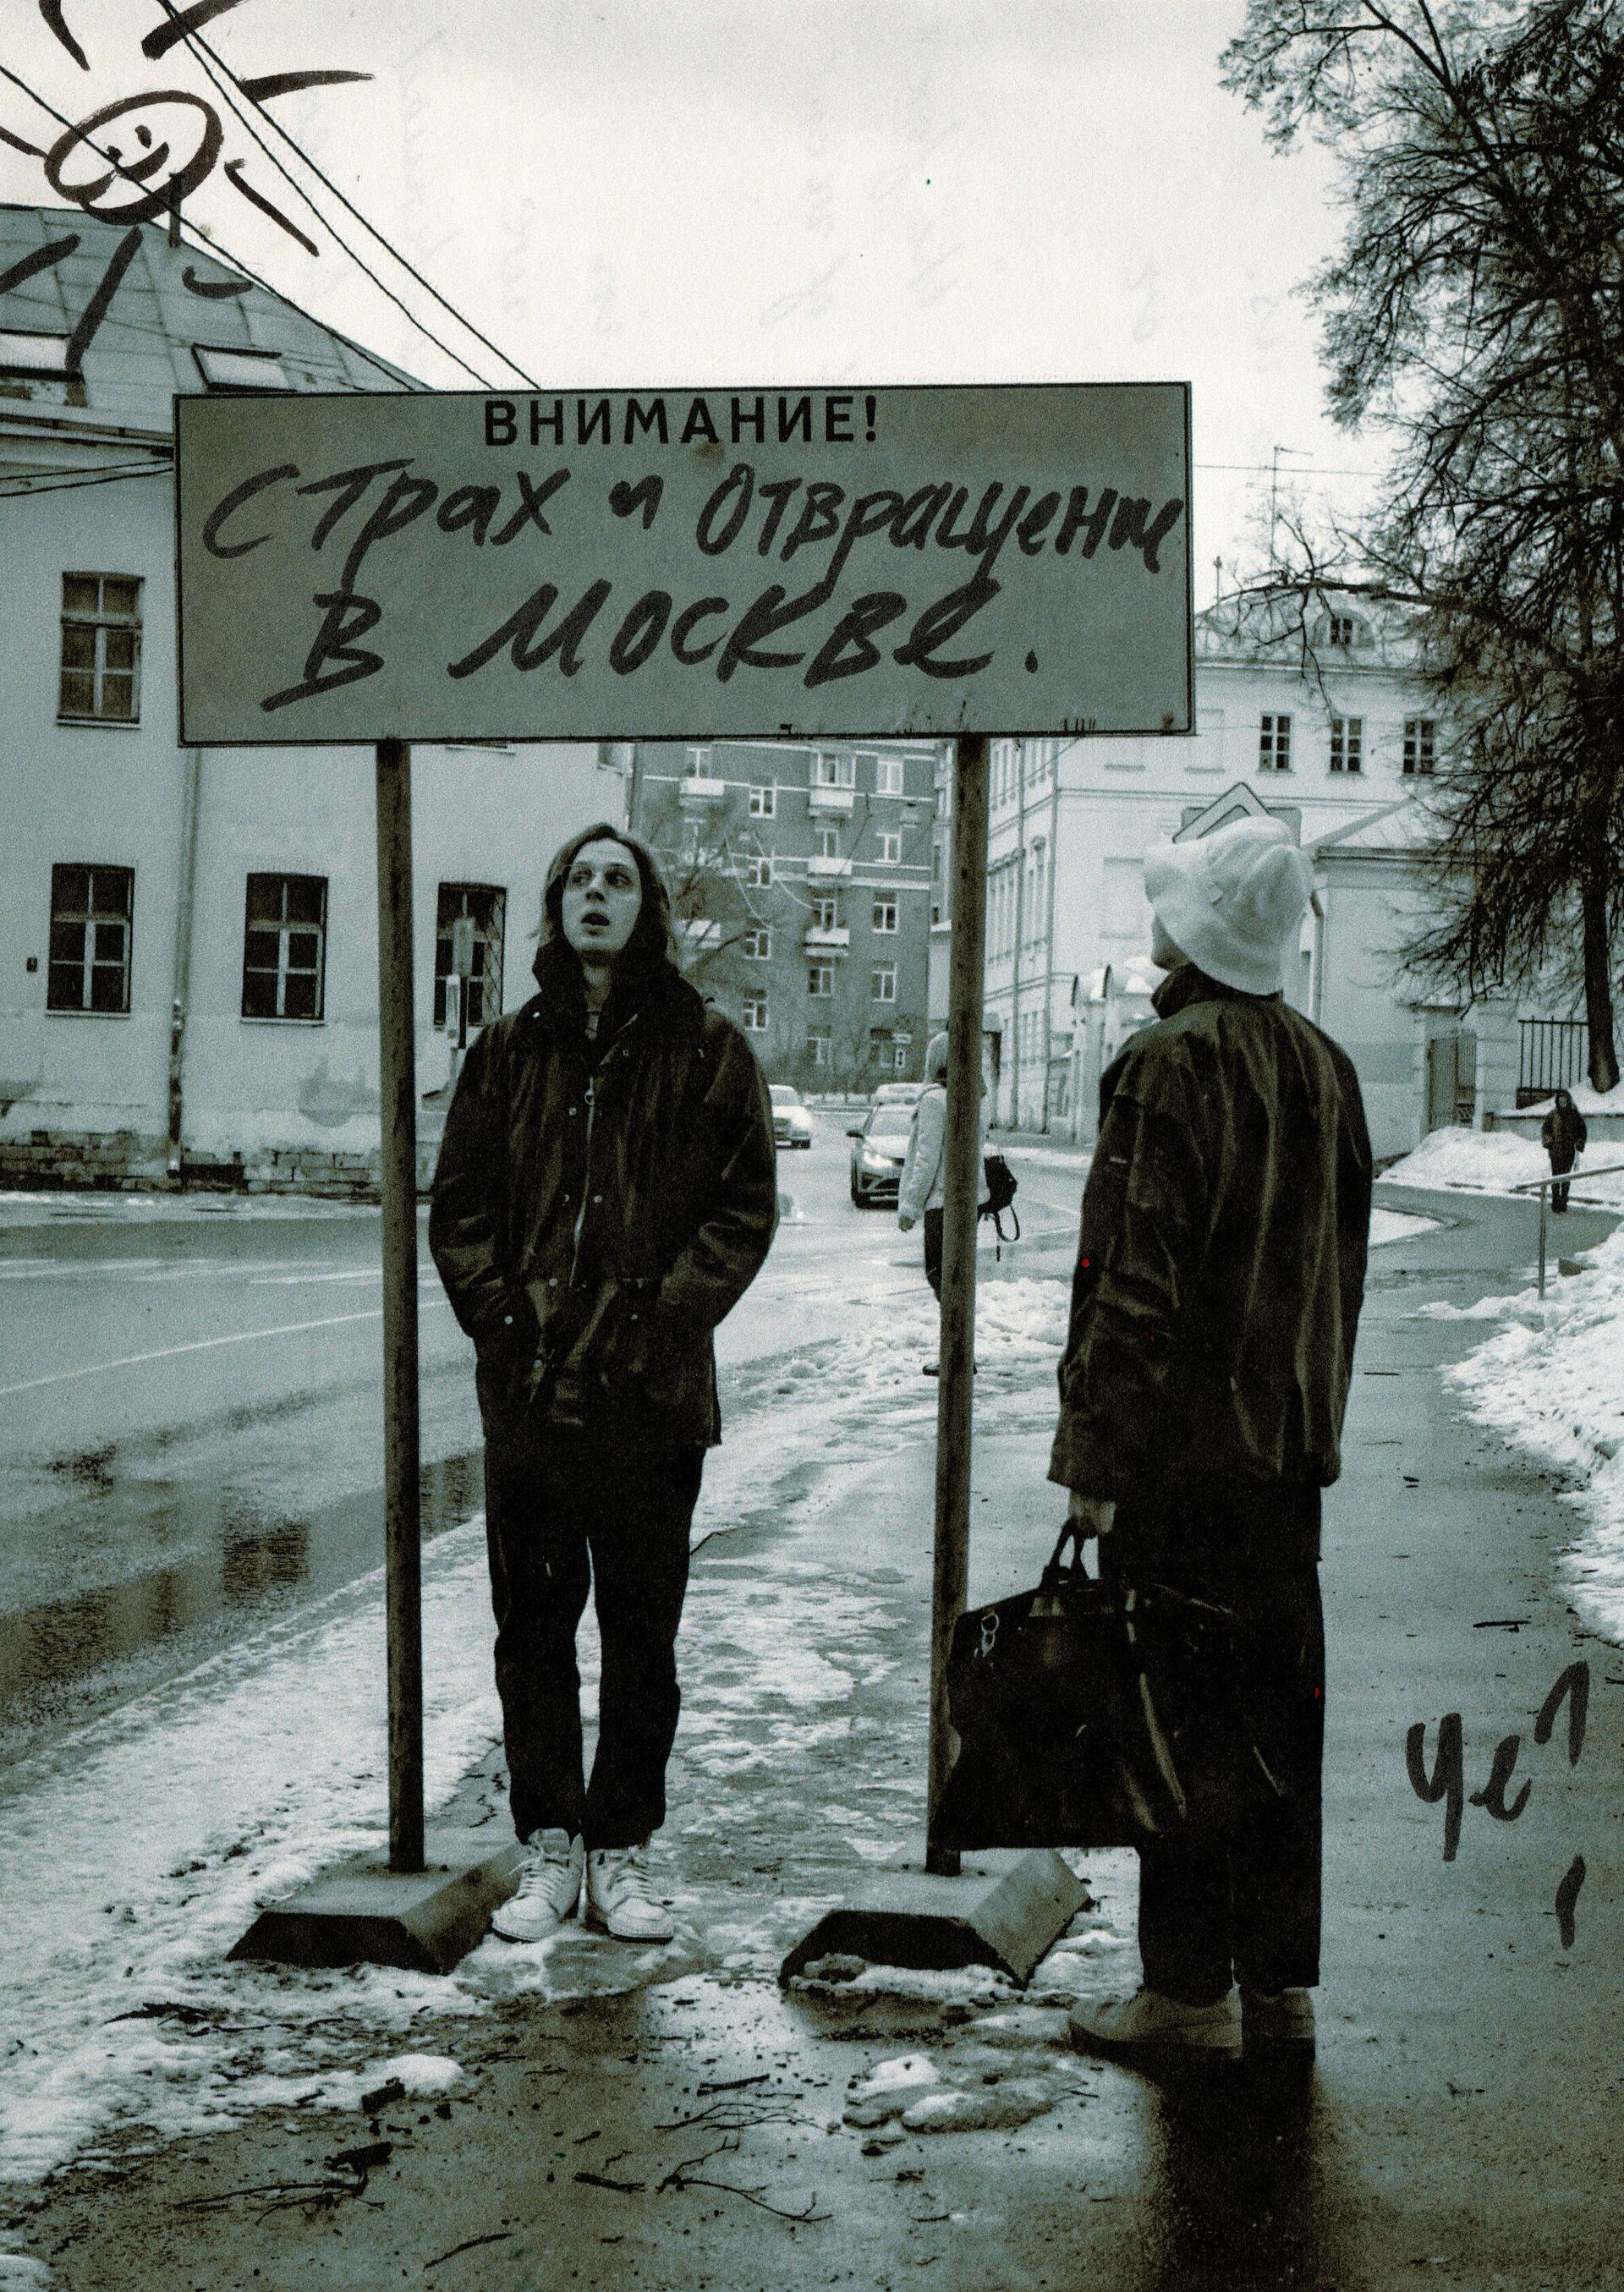 Спектакль Страх и отвращение в Москве - РИА Новости, 1920, 30.03.2021